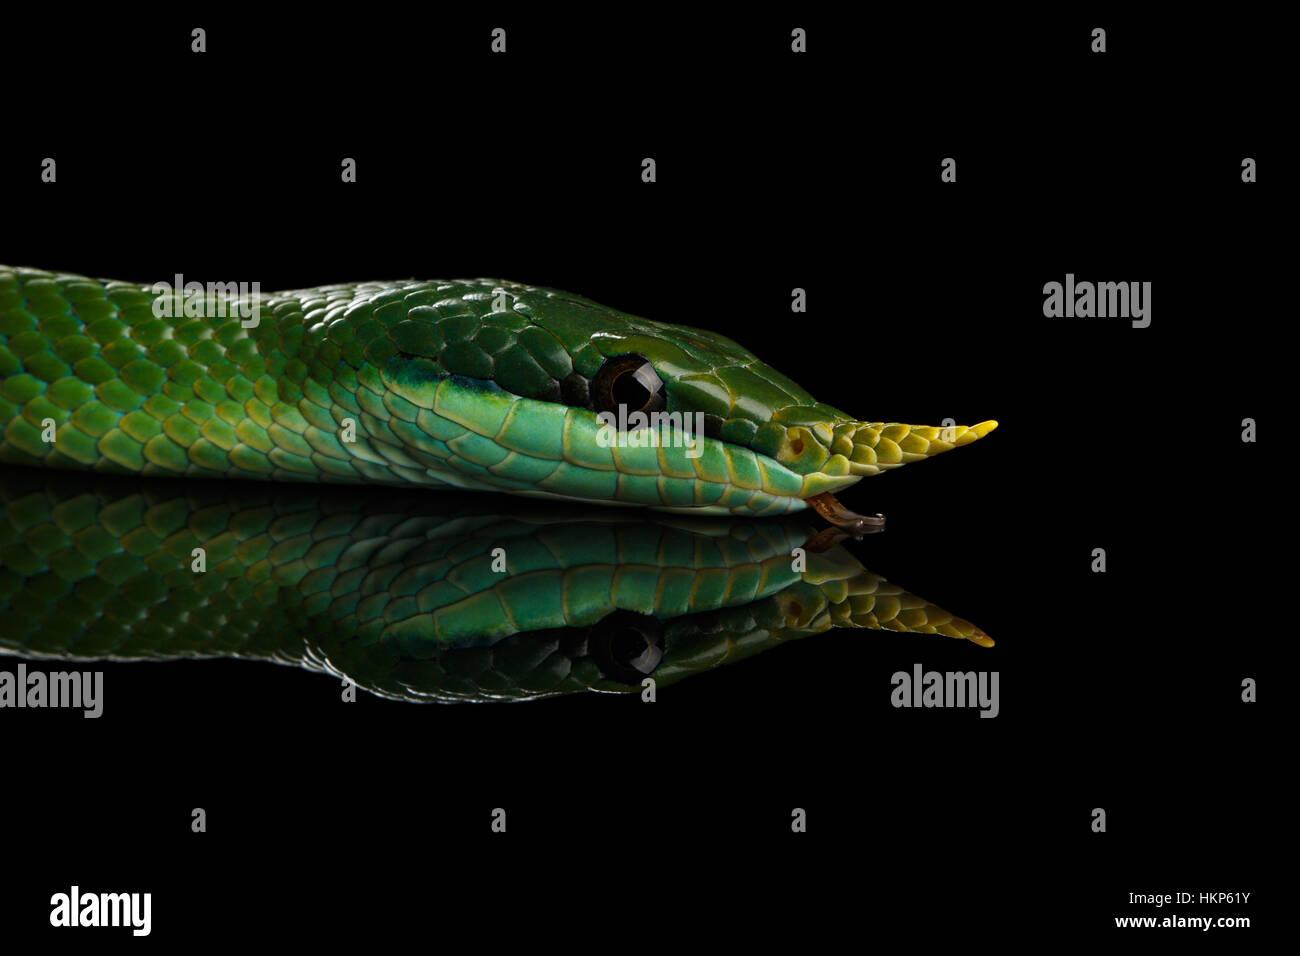 Long nez vert serpent, Couleuvre obscure de rhinocéros Banque D'Images